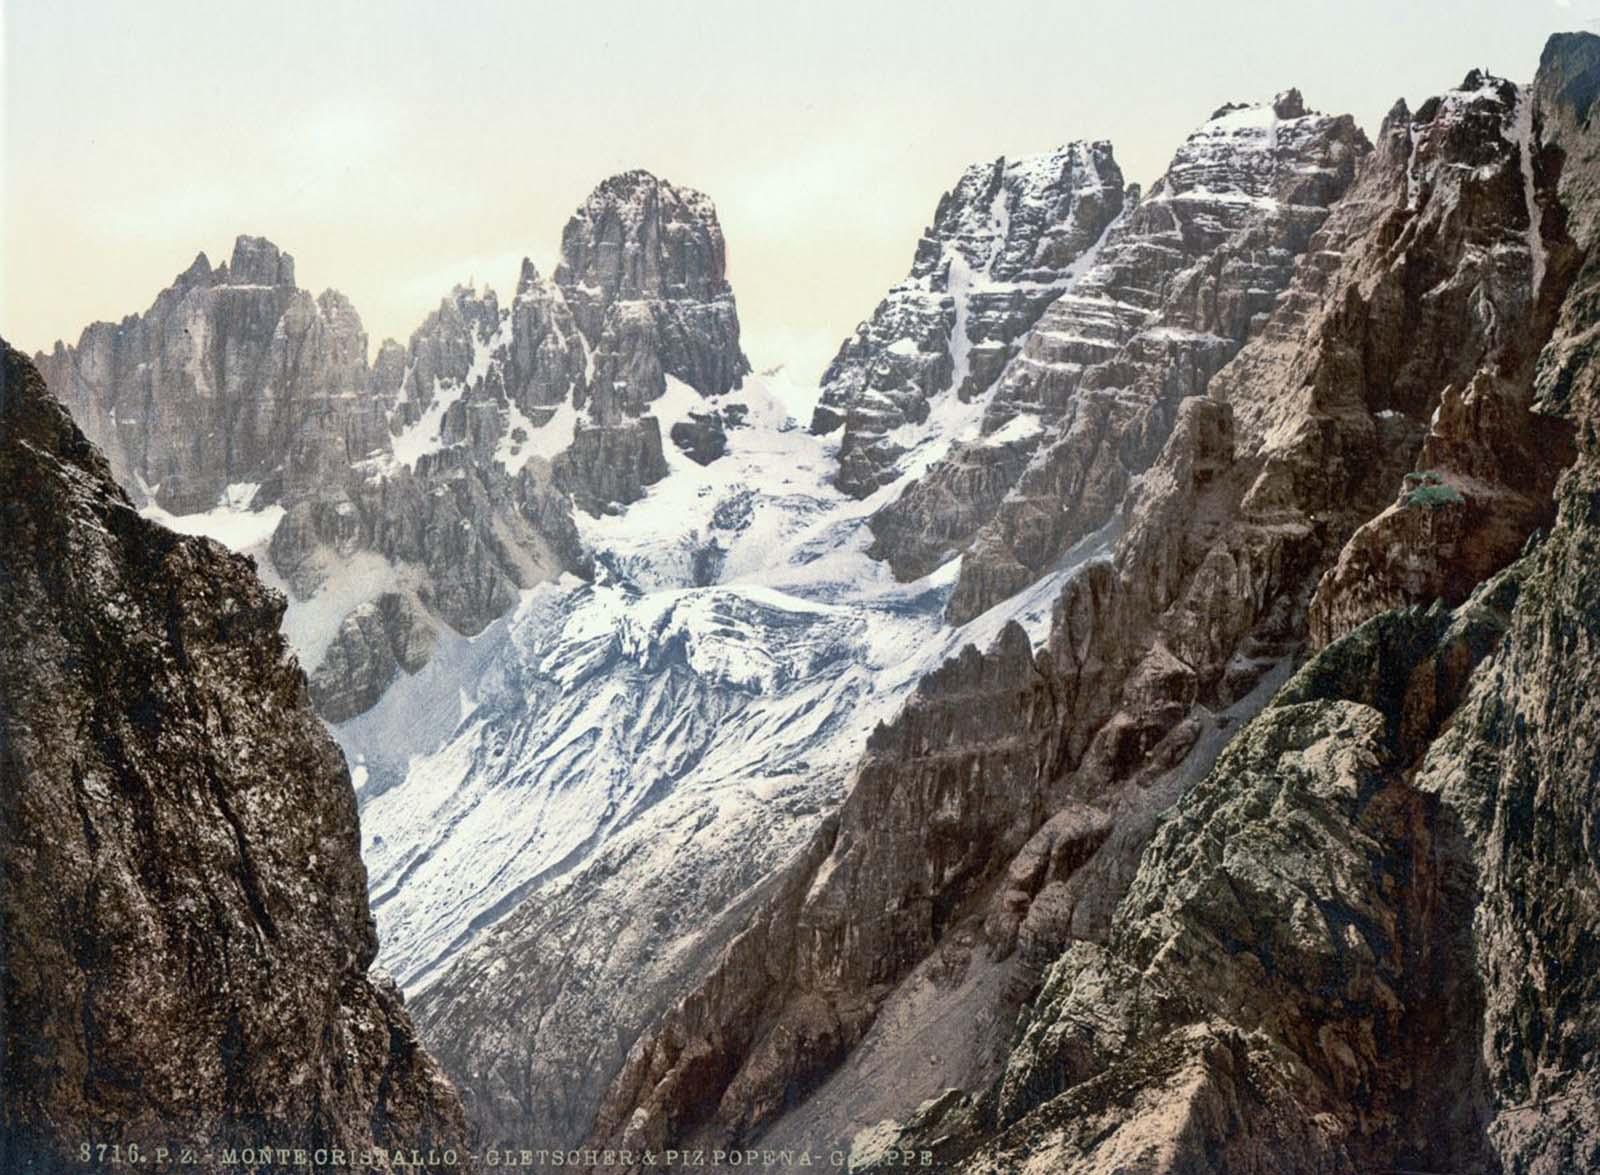 Monte Cristallo and Piz Popena Group.